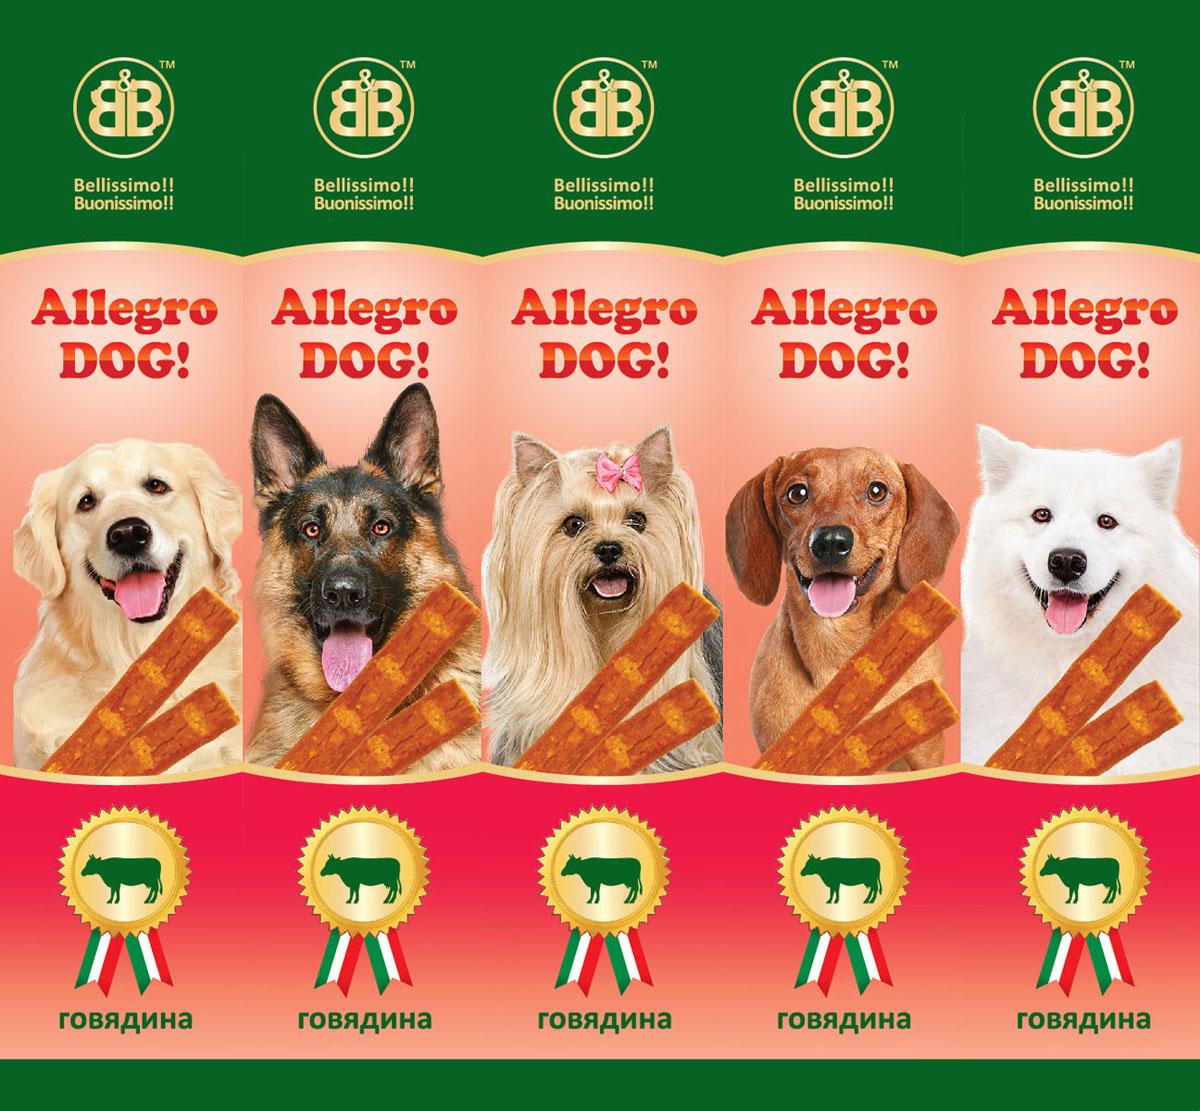 Лакомство для собак B&B Колбаски Allegro Dog, говядина, 5х10 г36447Лакомство для собак B&B Колбаски Allegro Dog - это вкусное и здоровое угощение с большим содержанием мяса, которое придется по вкусу даже самому капризному любимцу. Колбаски идеально подходят в качестве поощрения для игр и тренировок. Состав: мясо и продукты животного происхождения (минимум 95% из которых 10% говядина), минеральные соли. Пищевая ценность: протеин 33,5%, жиры 20%, зола 9%, клетчатка 2%, влажность 28%. Товар сертифицирован.